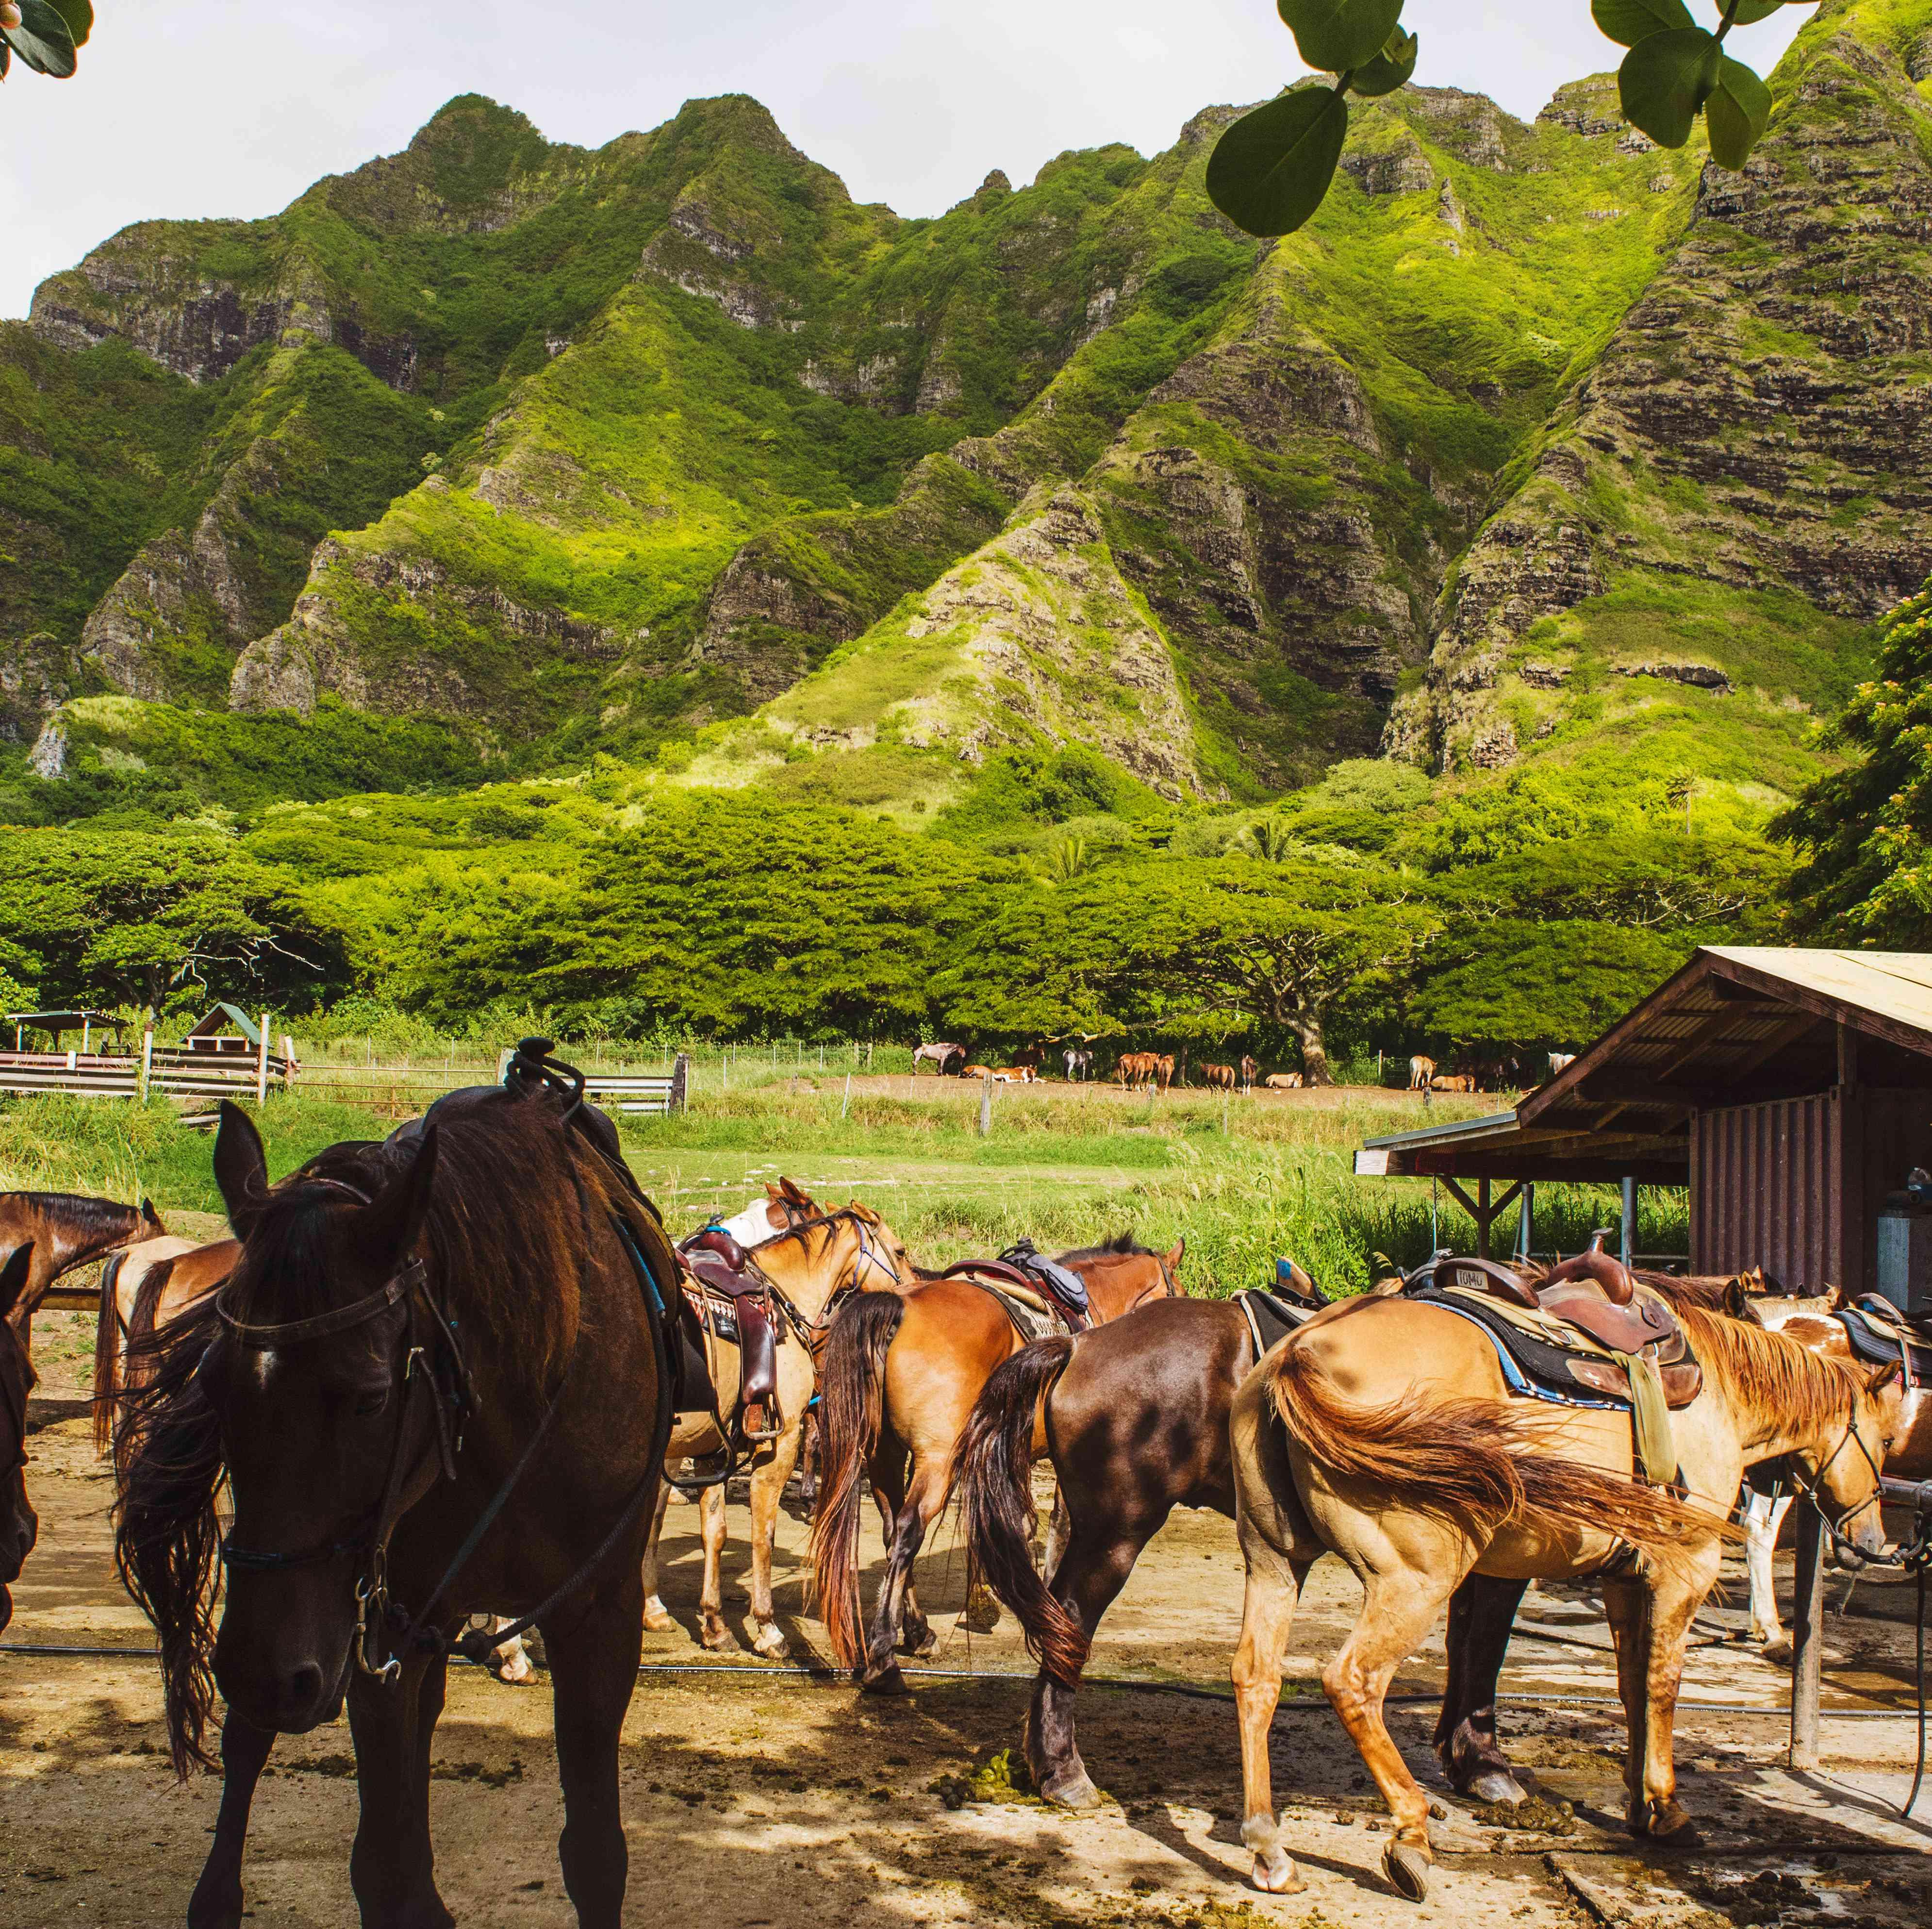 Horses at Kualoa Ranch